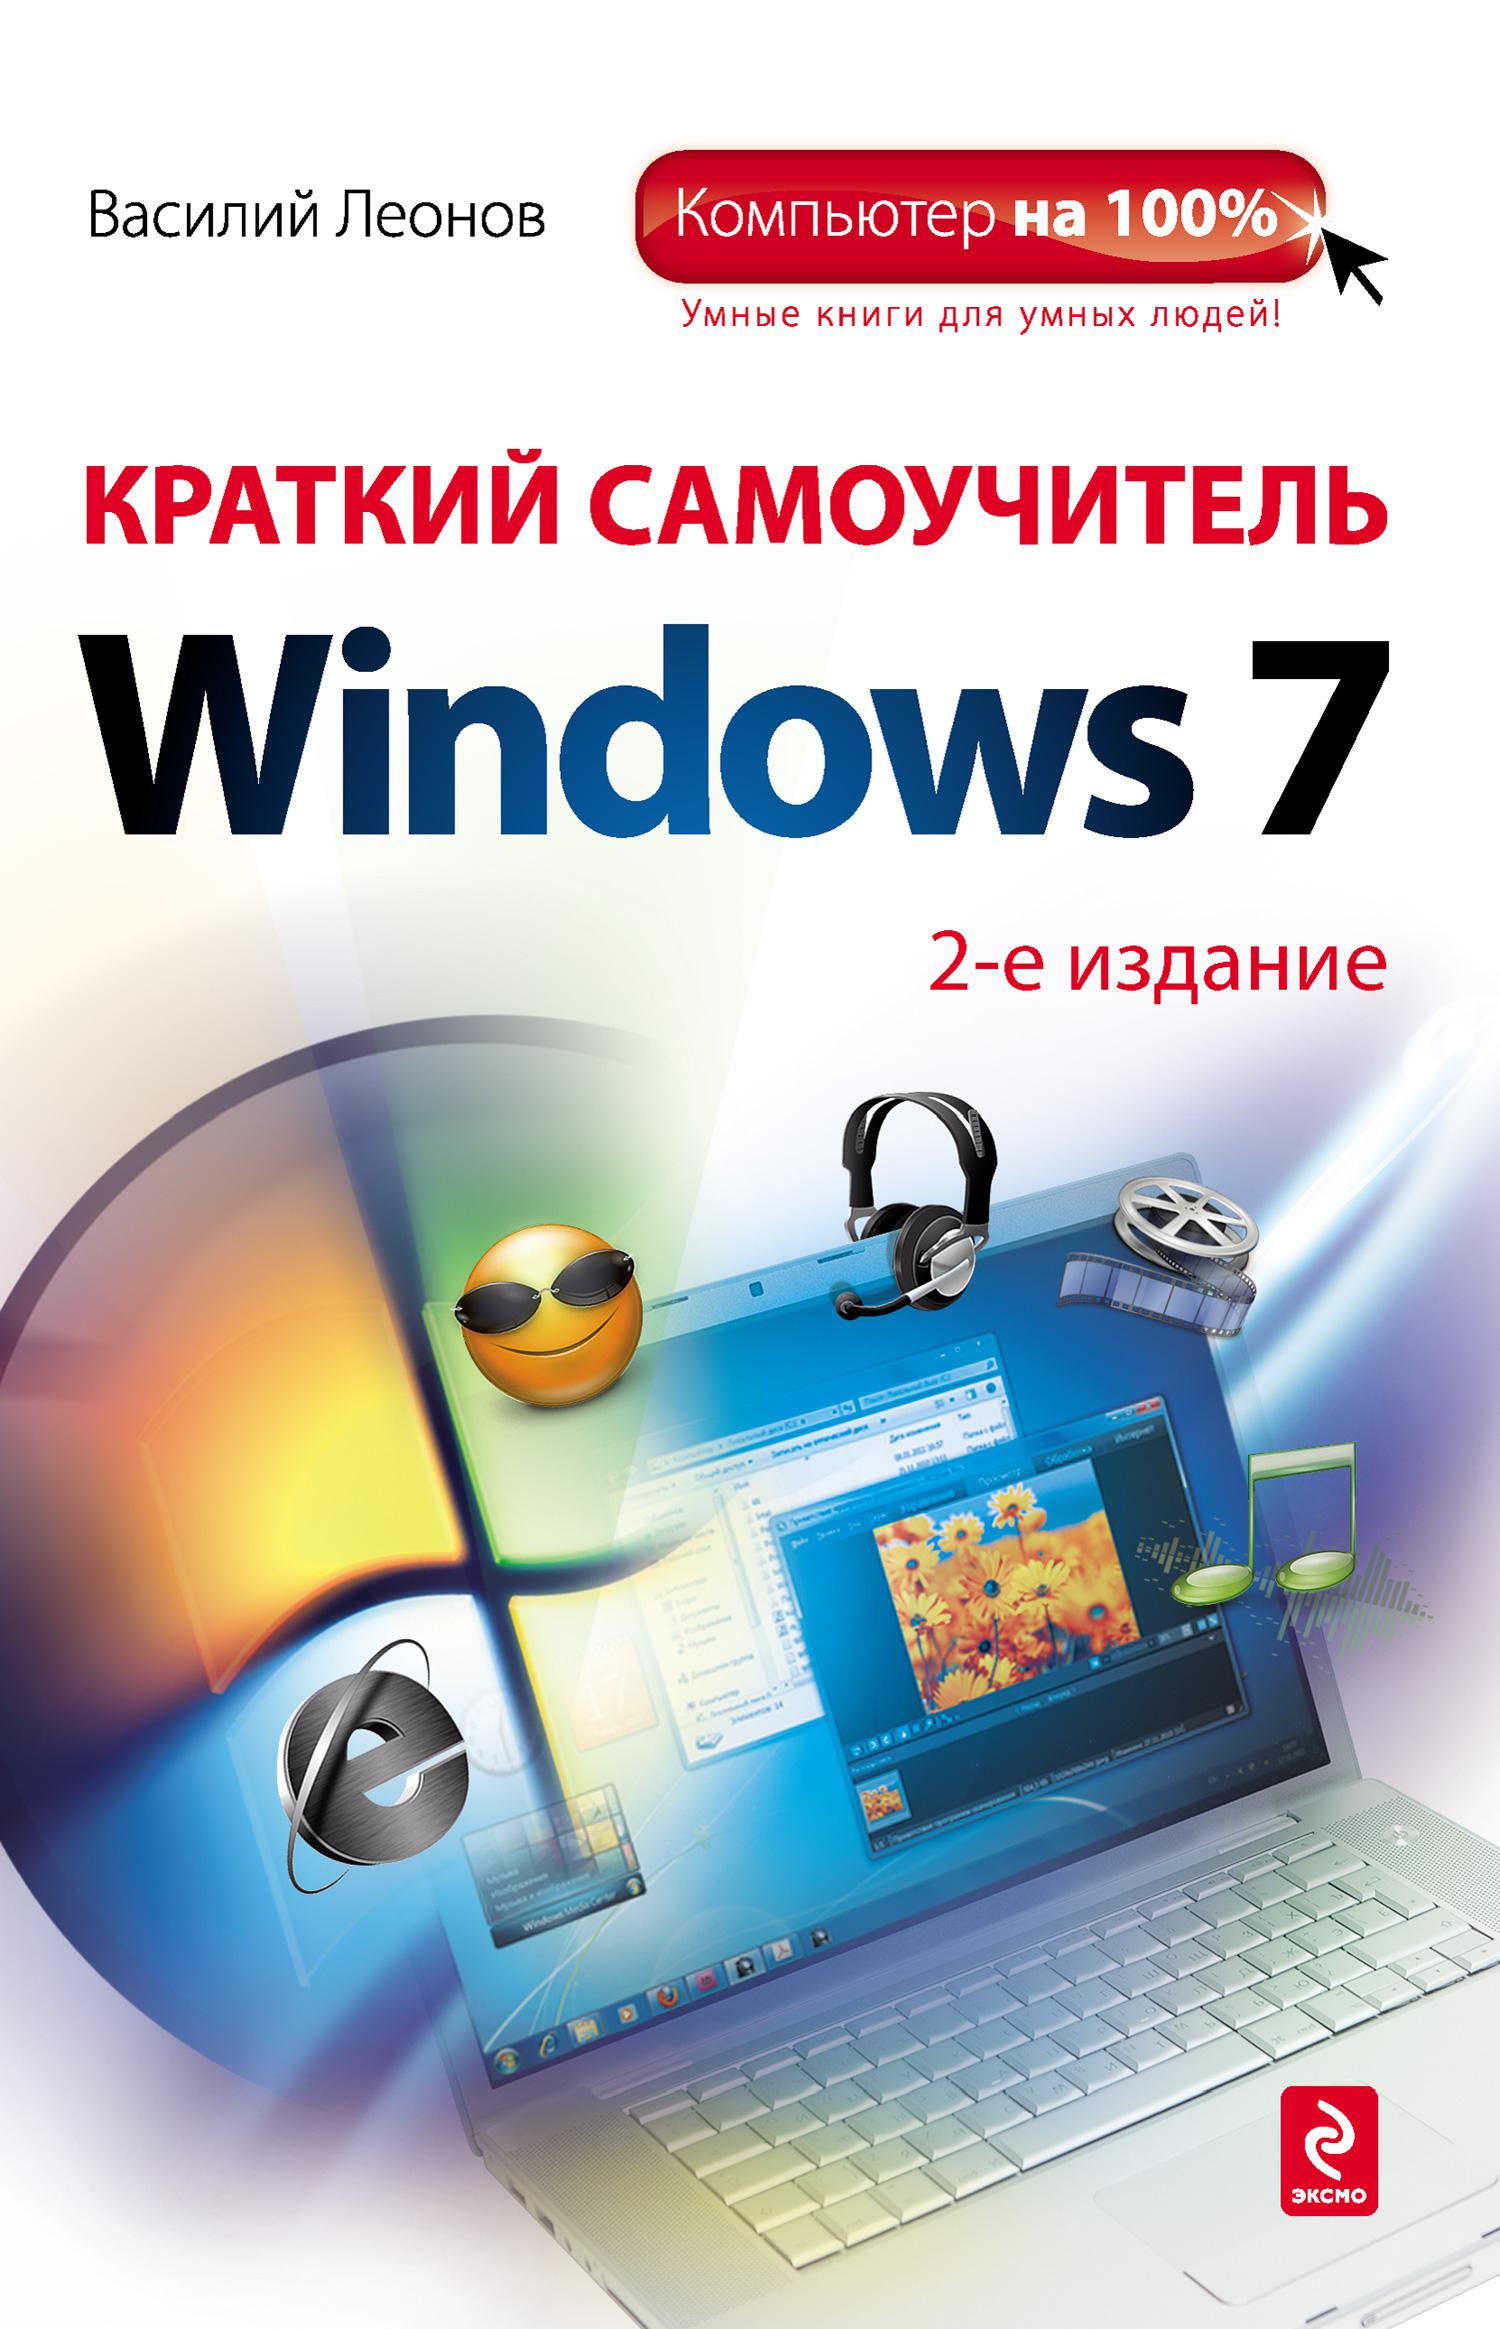 Василий Леонов Краткий самоучитель Windows 7 ю в новицкая компьютерные знания на windows 7 для слушателей народного факультета нгту